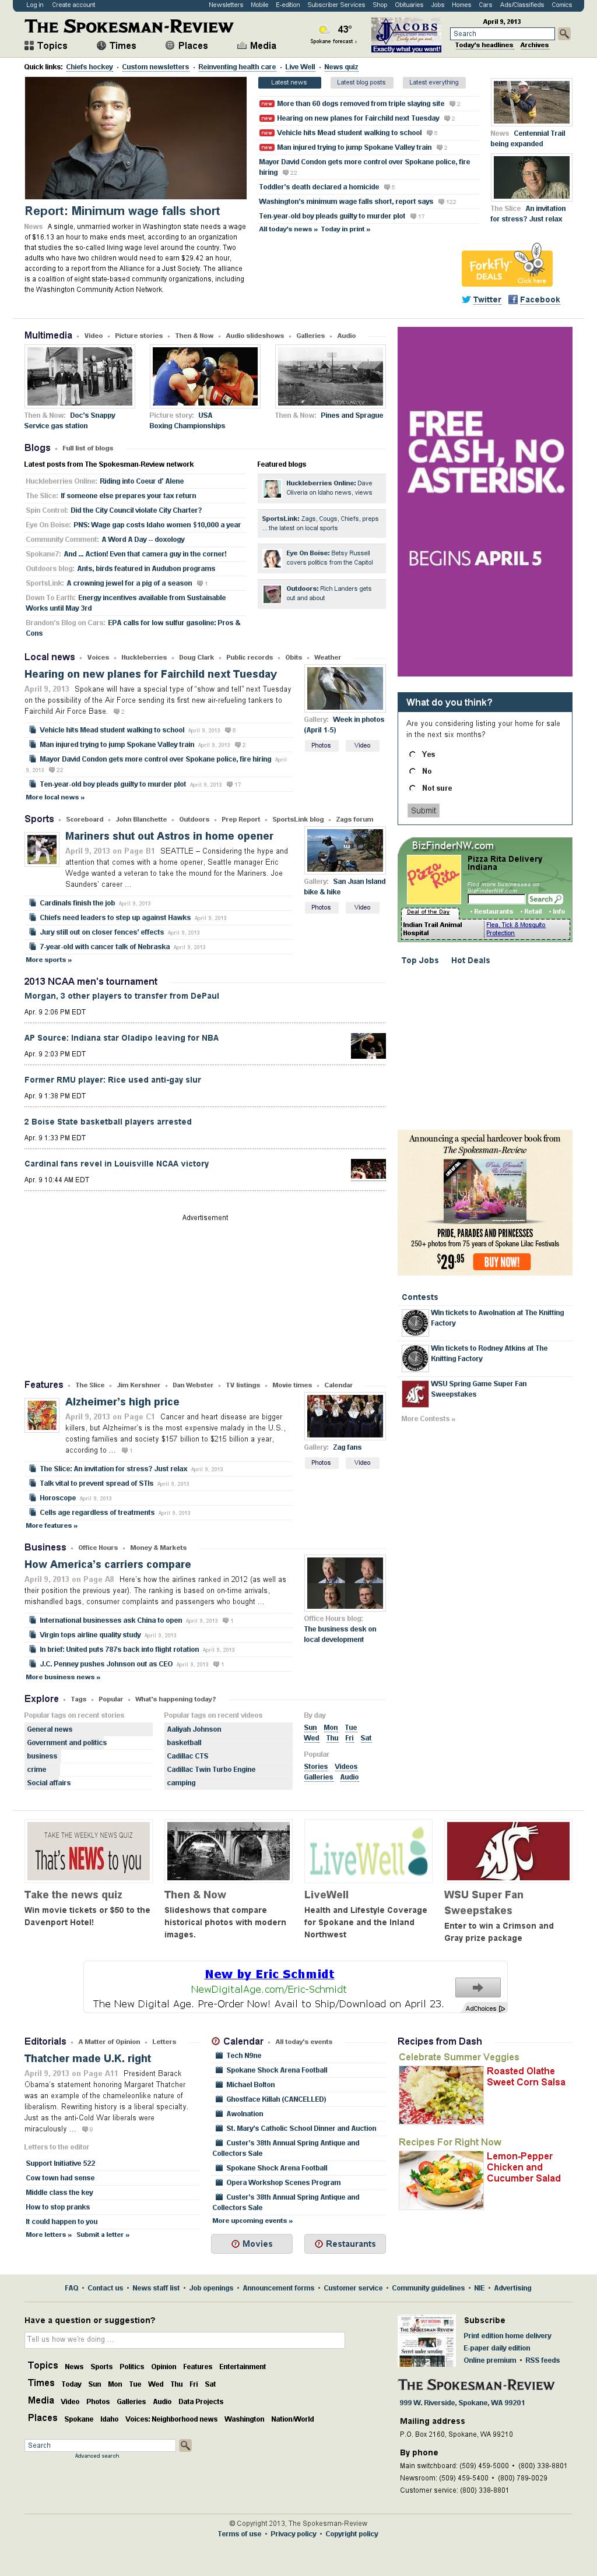 The (Spokane) Spokesman-Review at Tuesday April 9, 2013, 6:21 p.m. UTC